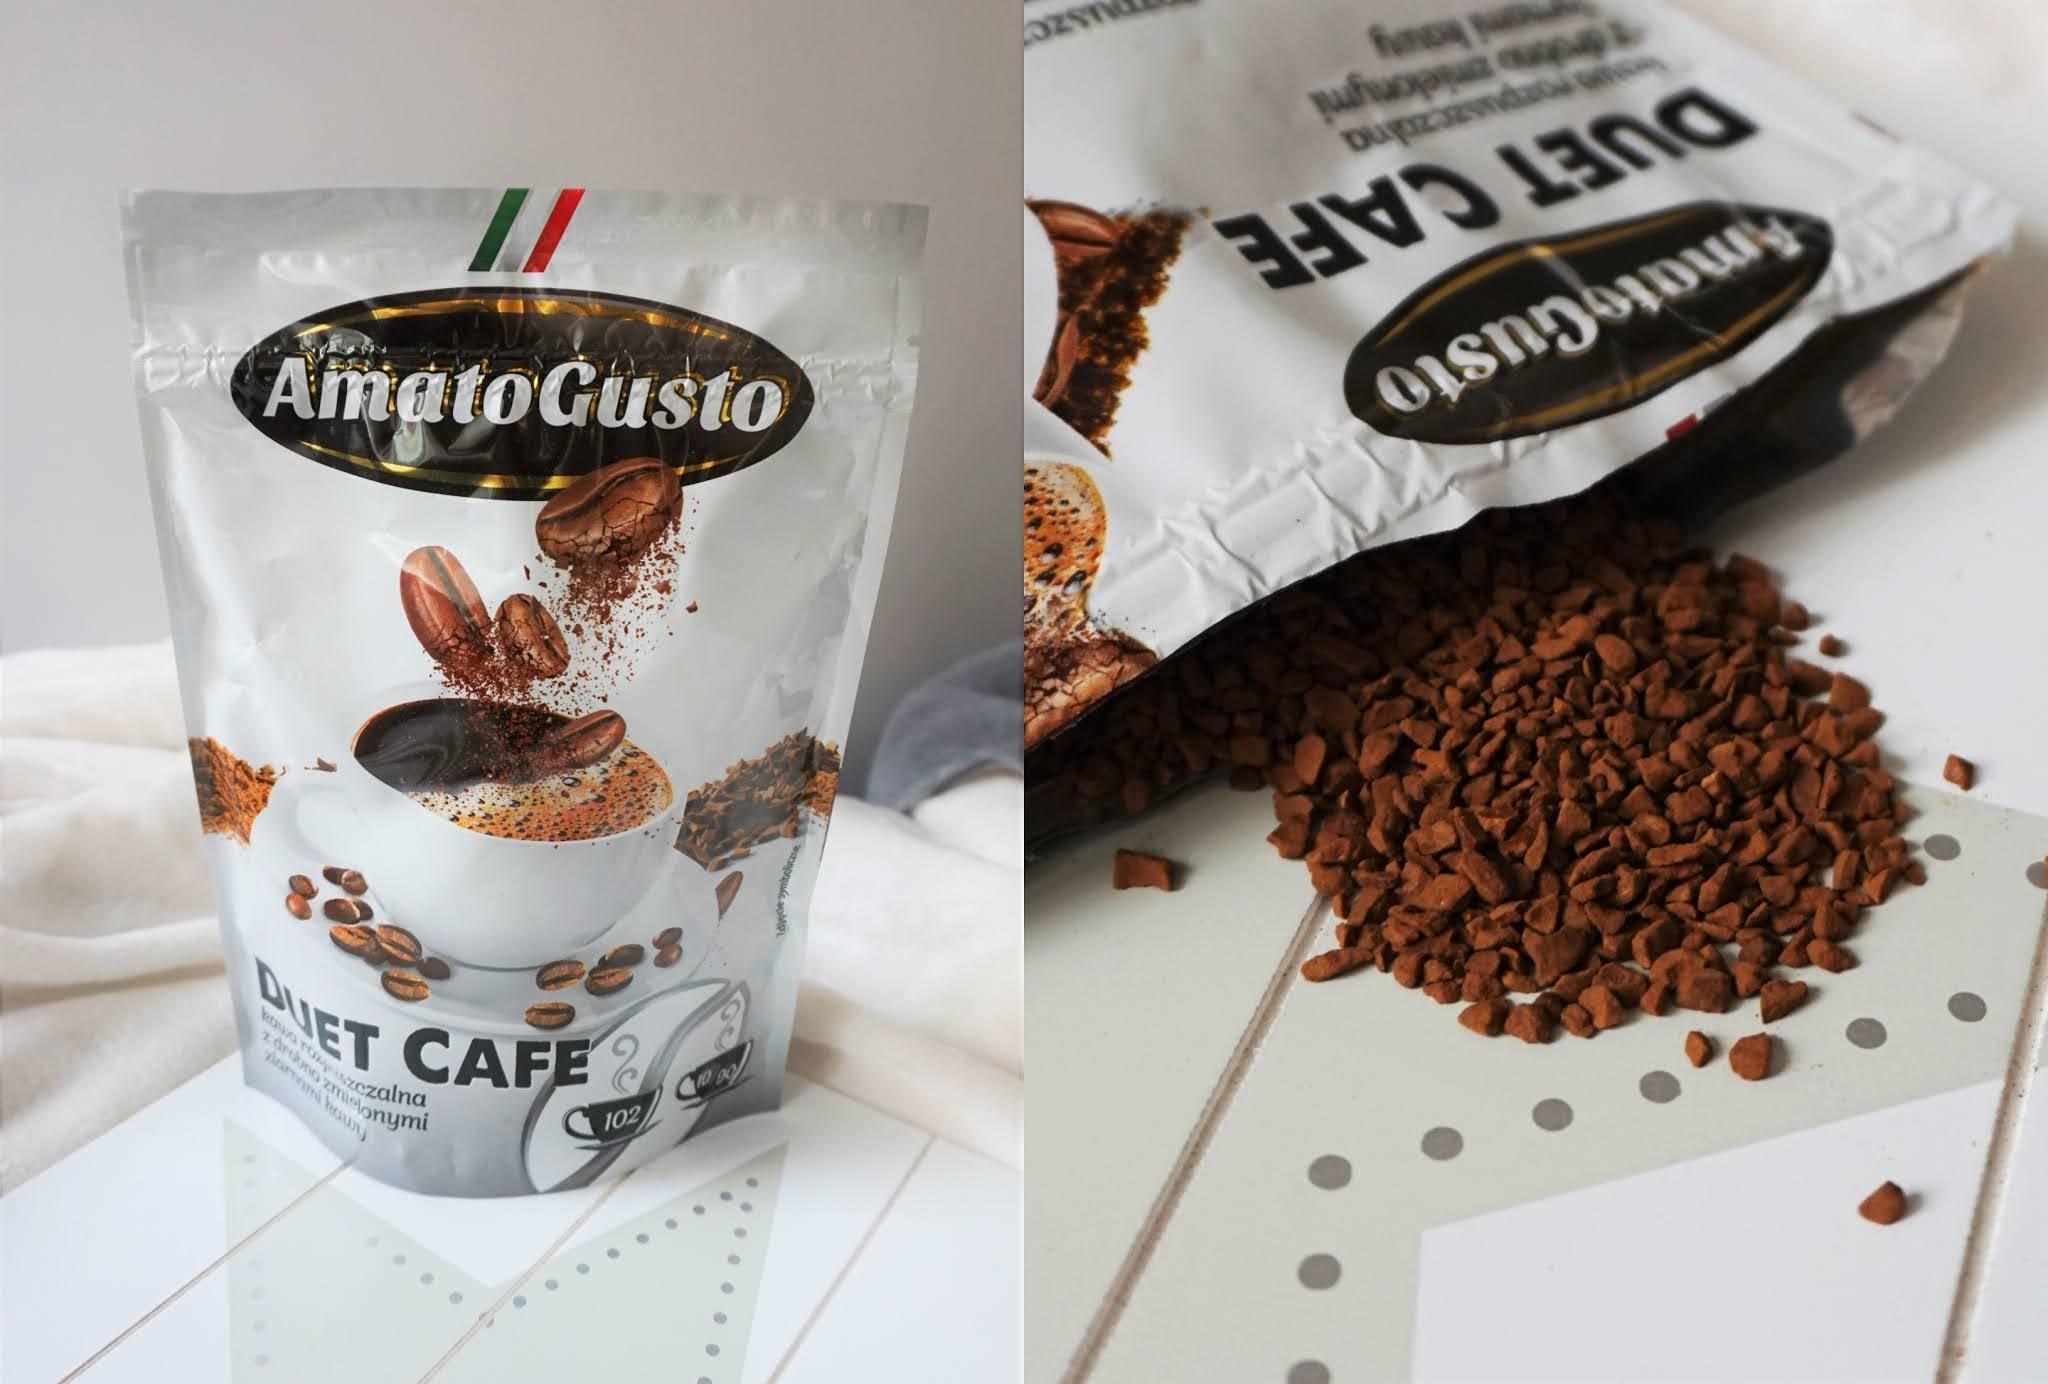 kawa rozpuszczalna Amato Gusto Duet Cafe